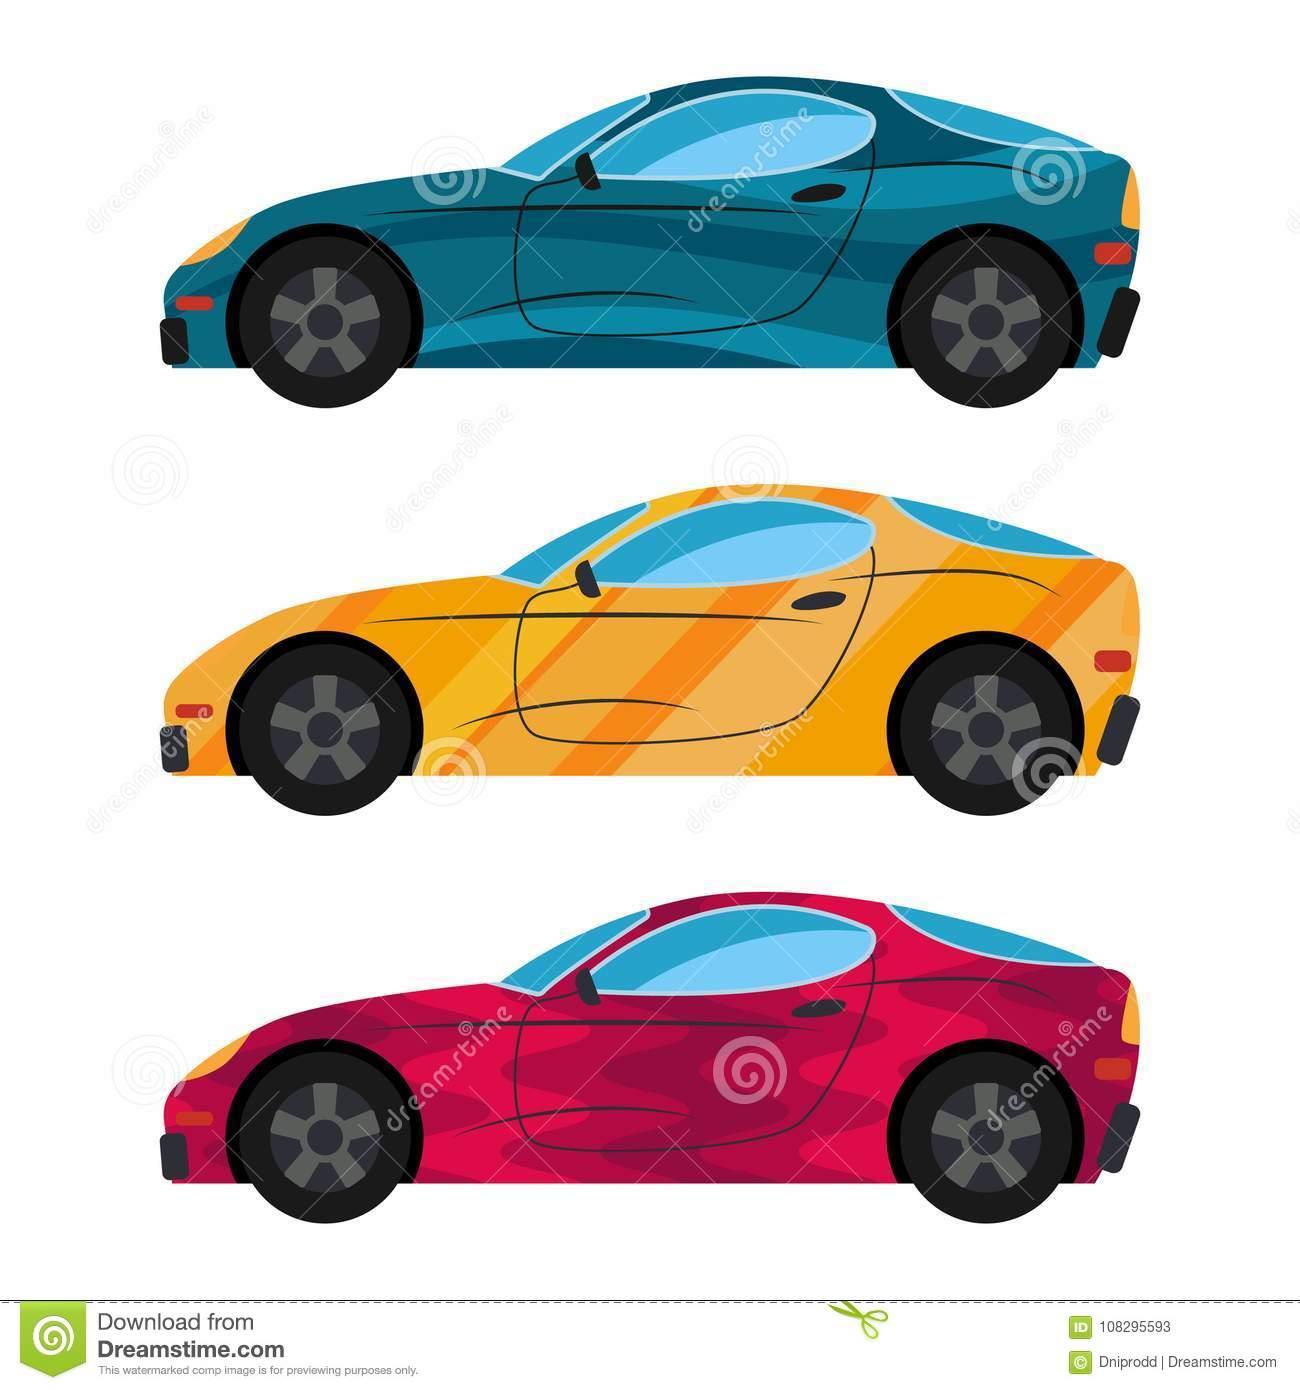 Ein Satz Von Drei Autos Gemalt In Den Verschiedenen Farben in Auto Gemalt